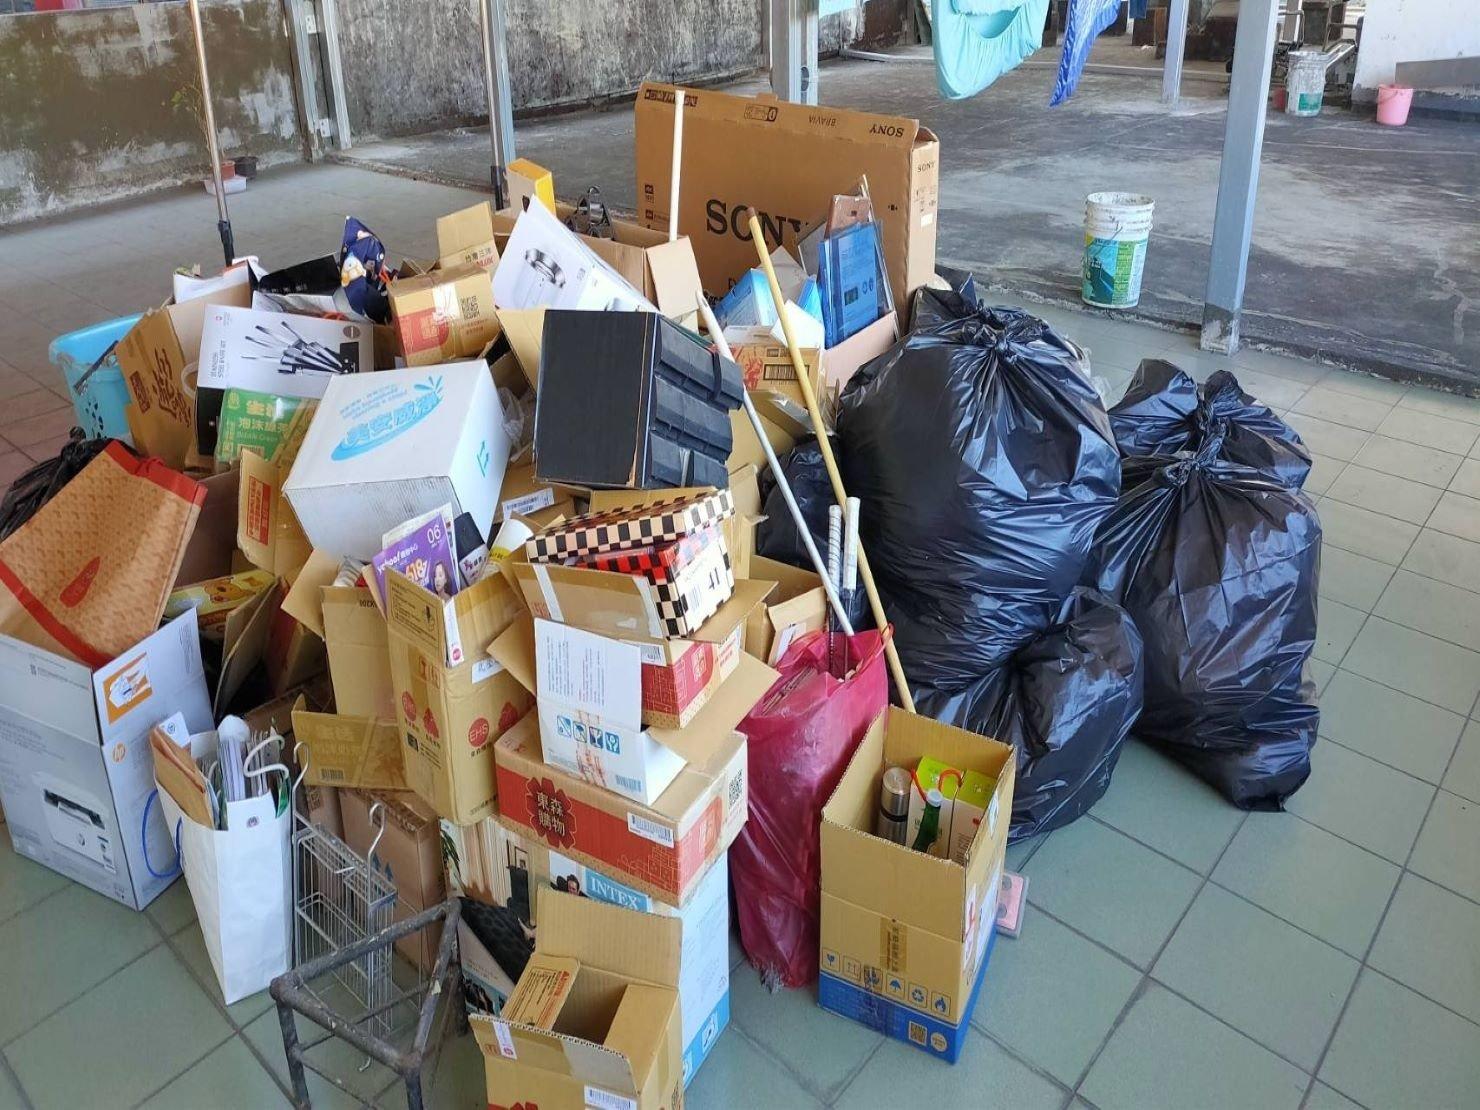 垃圾清運【榮福搬家公司】台北搬家、新北搬家、搬家首選、優質搬家,包裝搬運「細膩包裝、專業搬運、用心服務、以客為尊」值得您來選擇:【廢棄物處理清運、家庭家具垃圾處理】大型垃圾清運、廢棄家具清運。